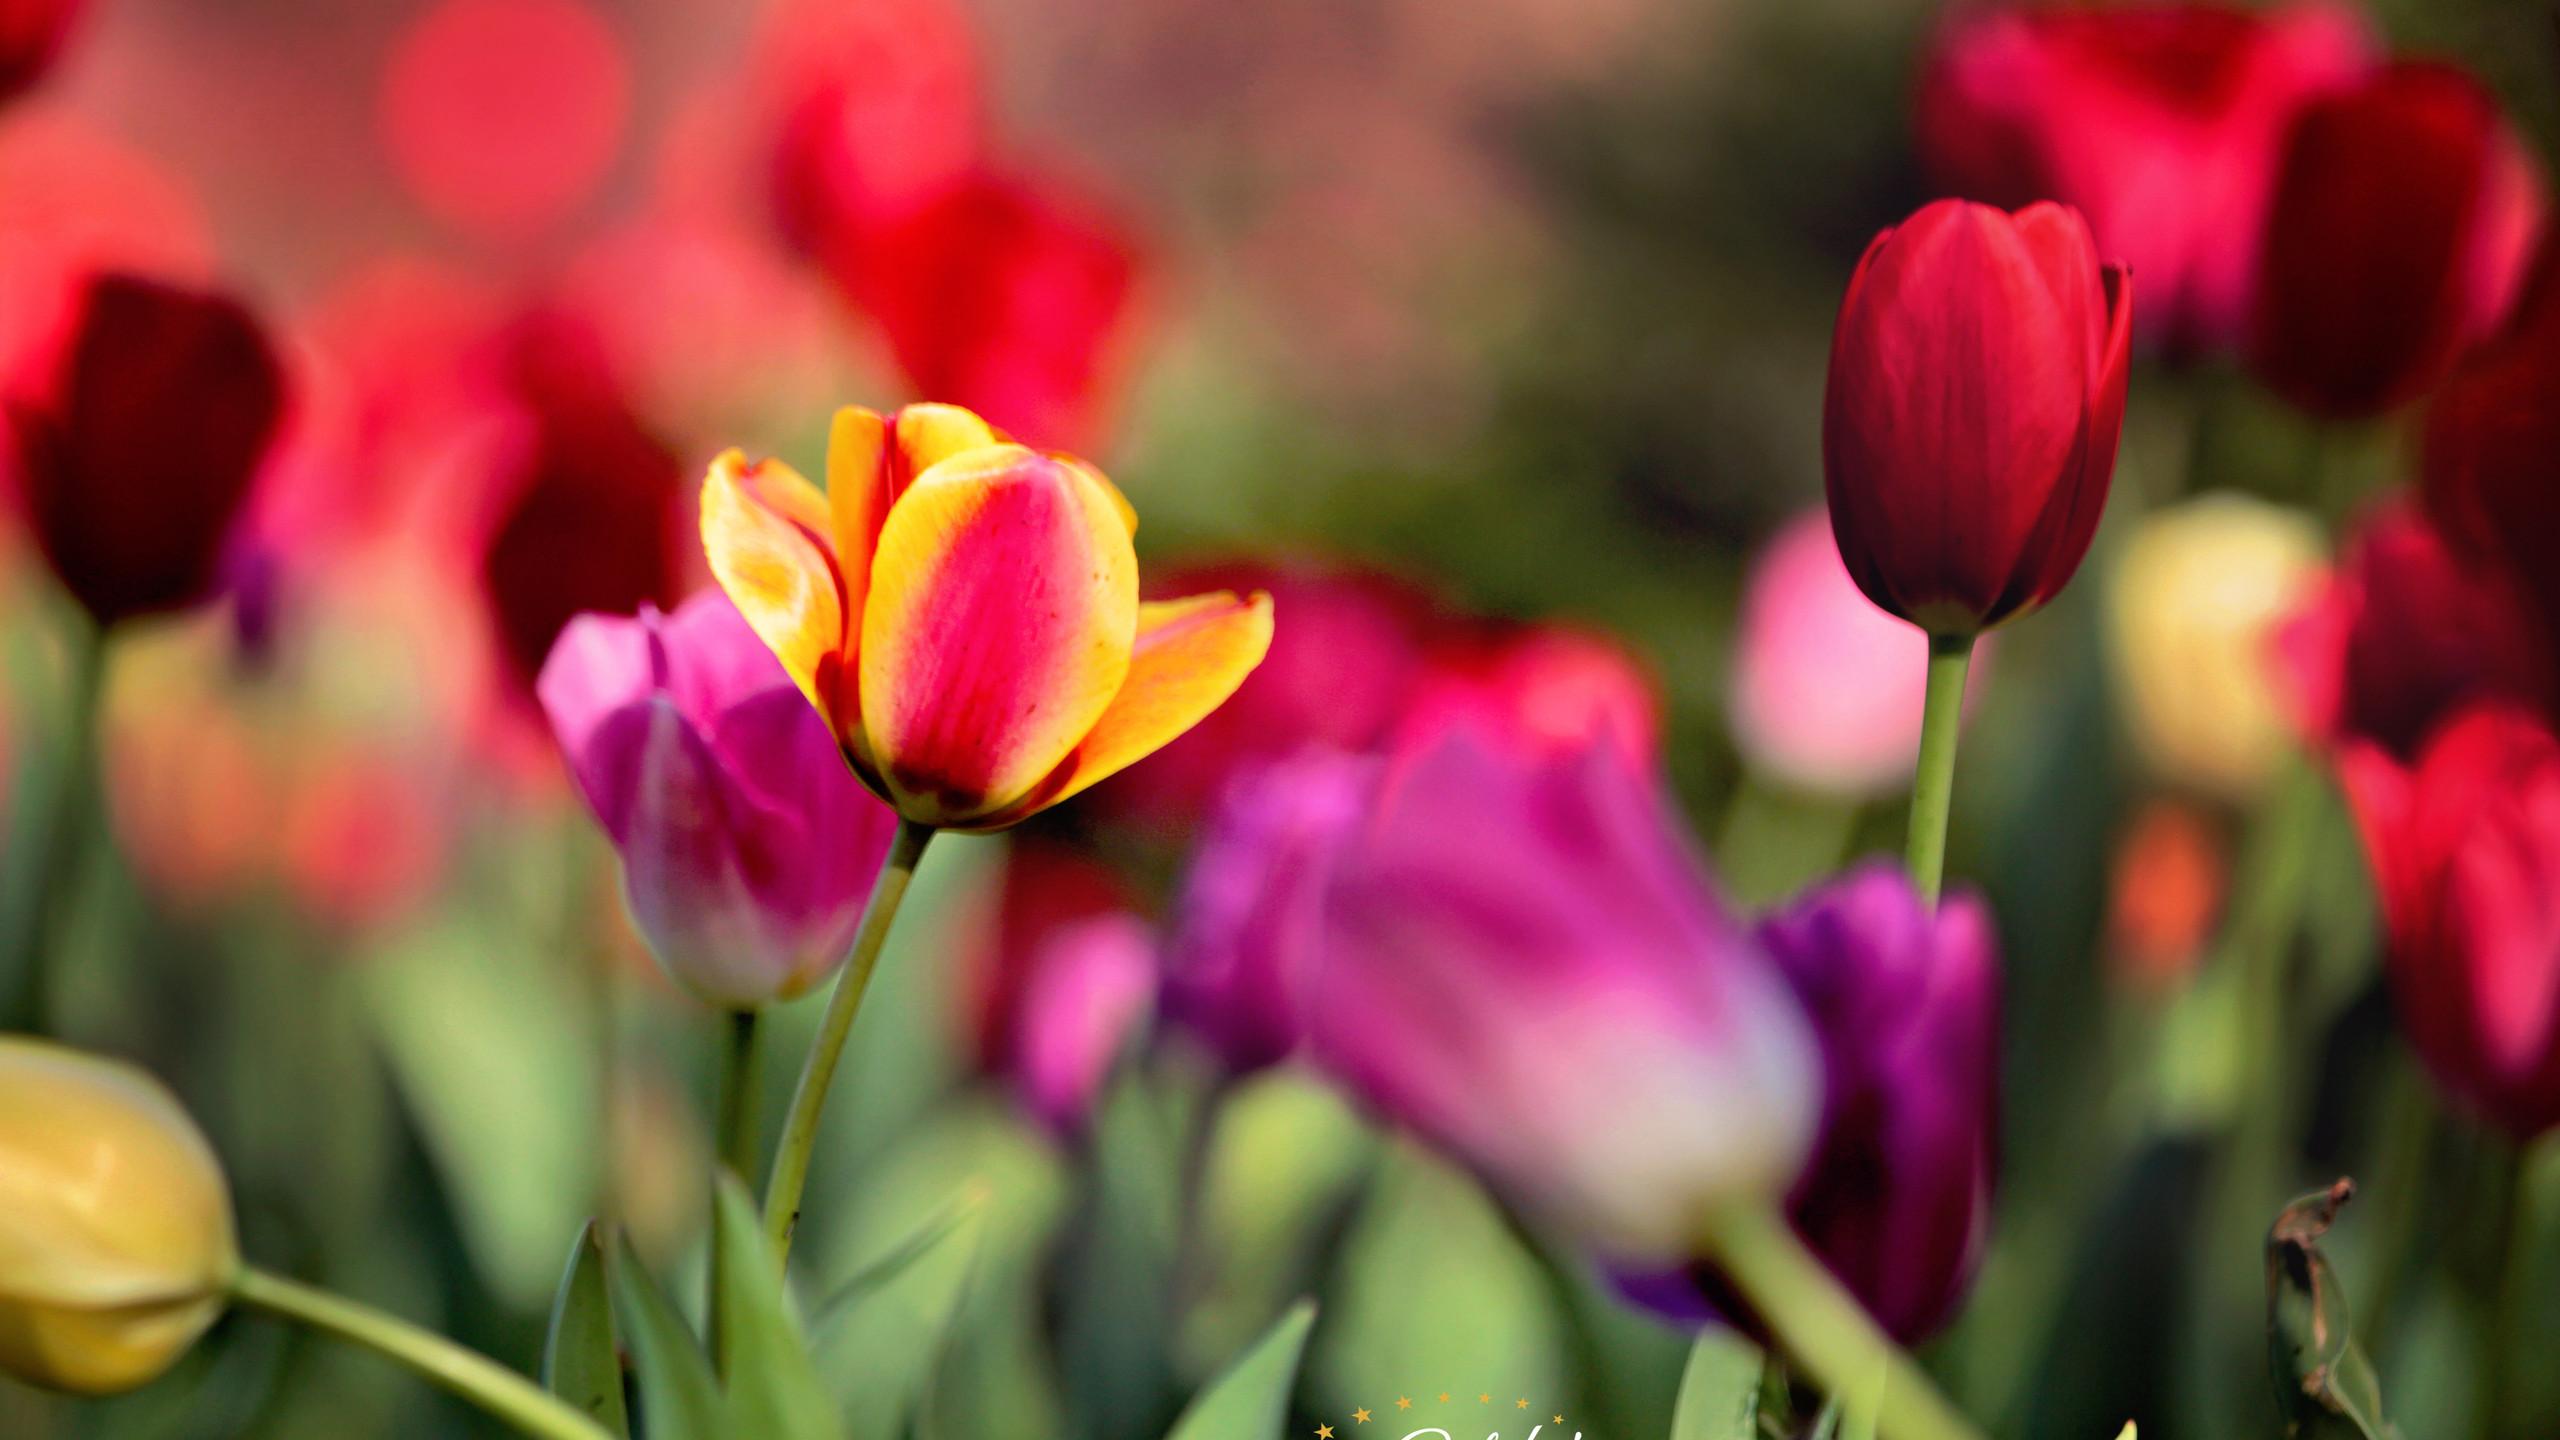 tulipswm4